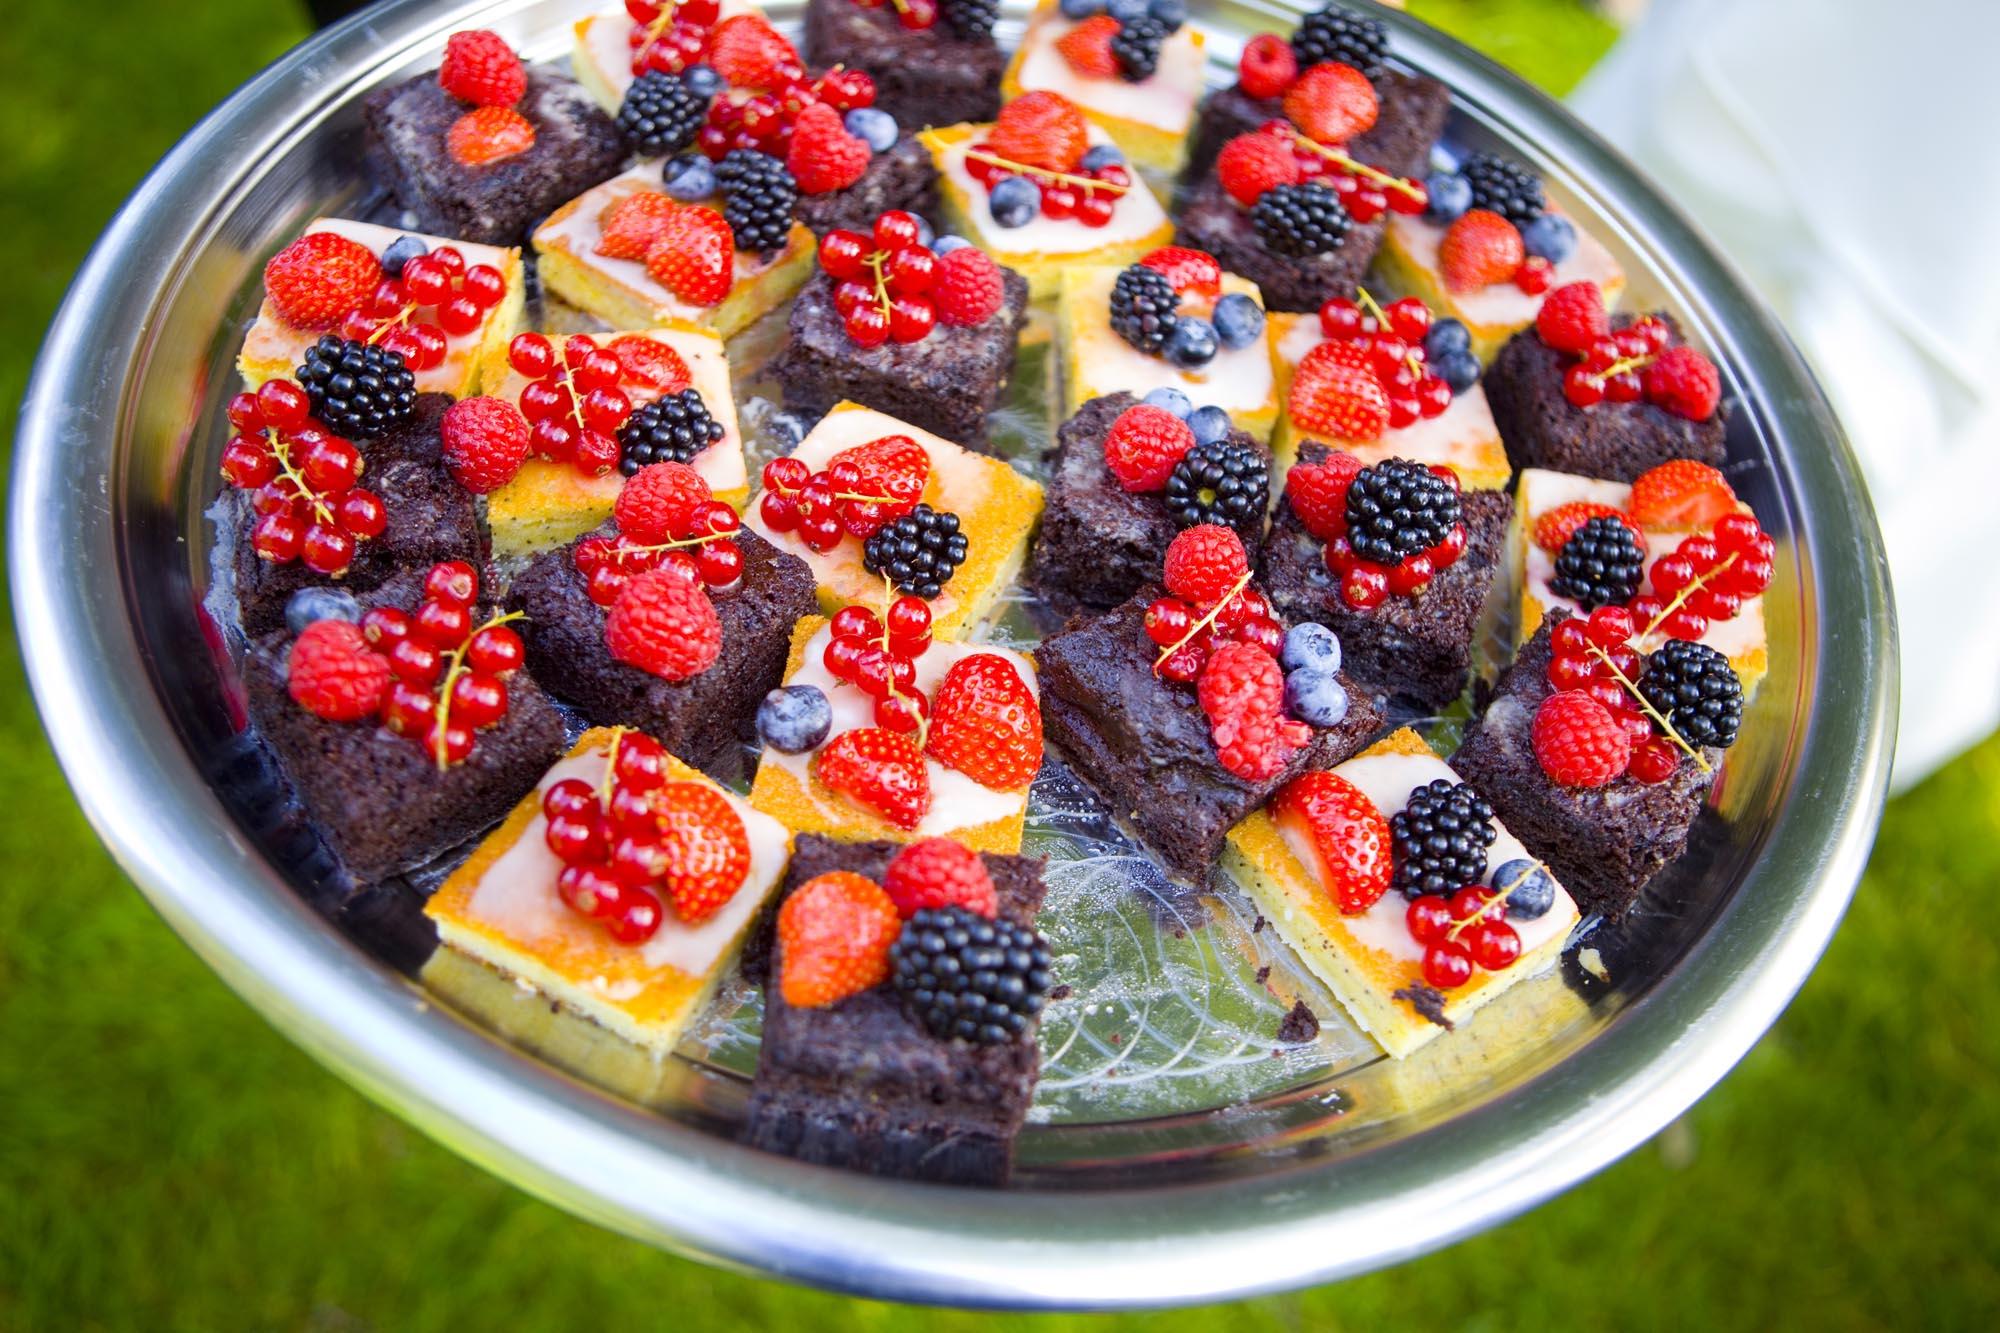 zelfgemaakte brownies met rode vruchten trouwfotografie bruiloft De Hertenhorst Delft